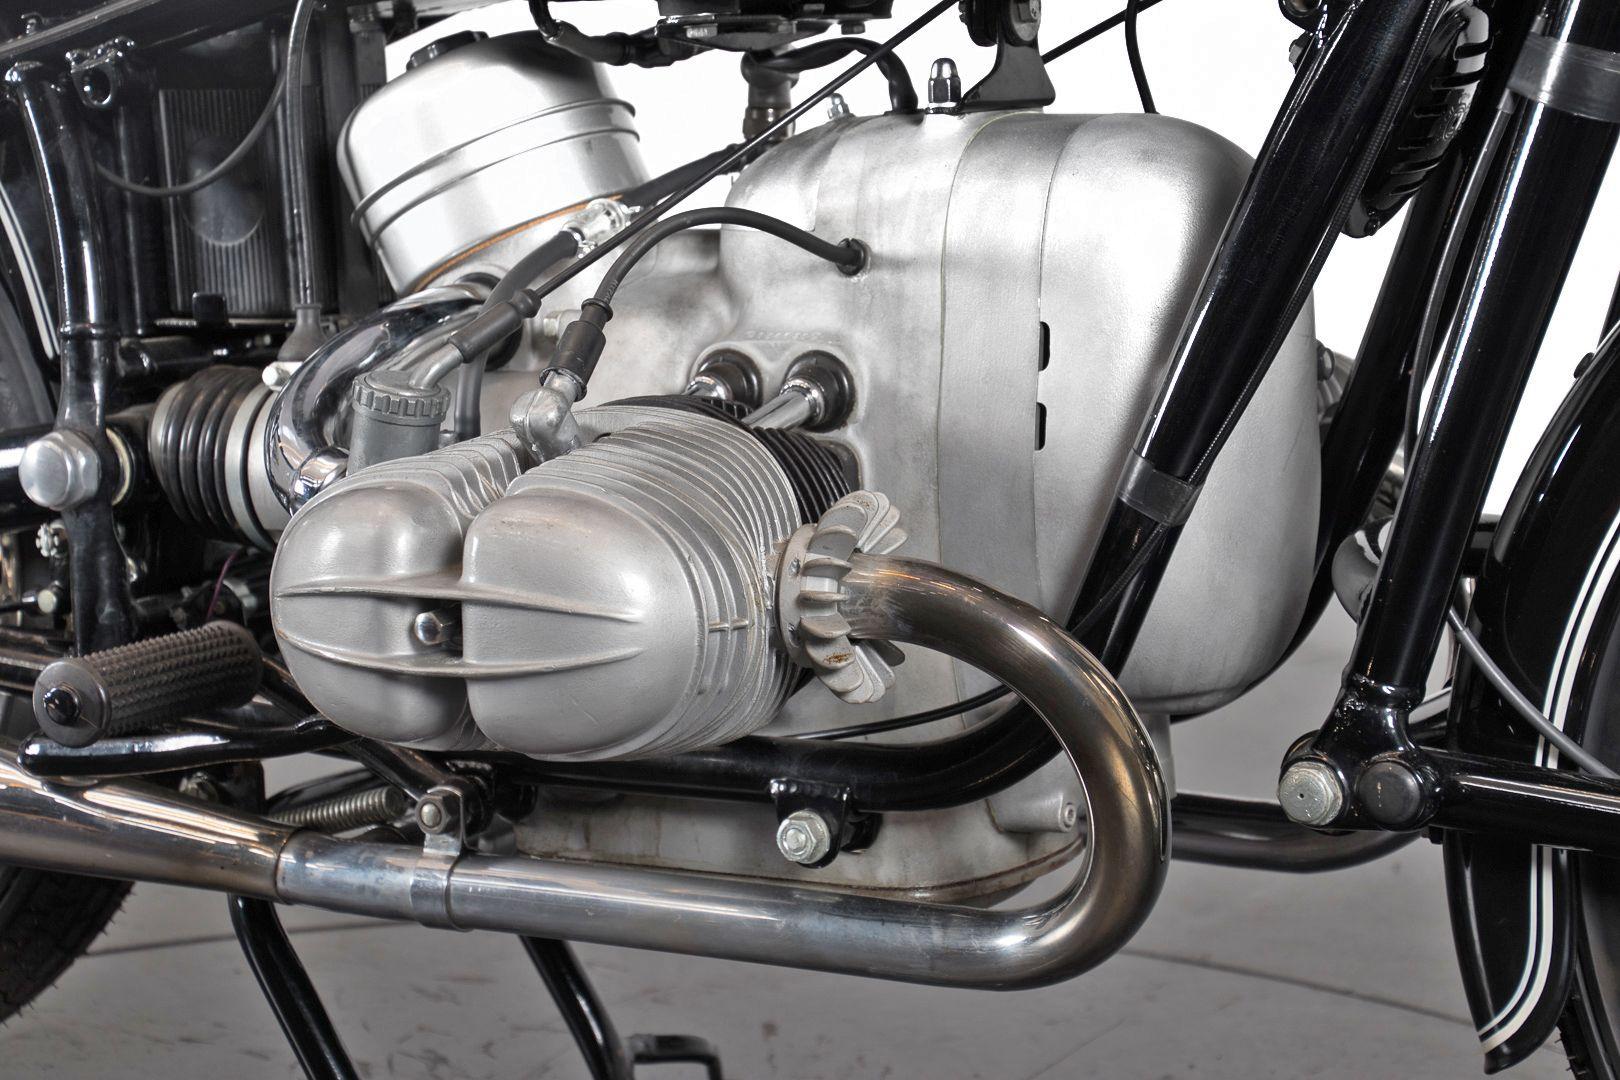 1959 BMW R 69 35739